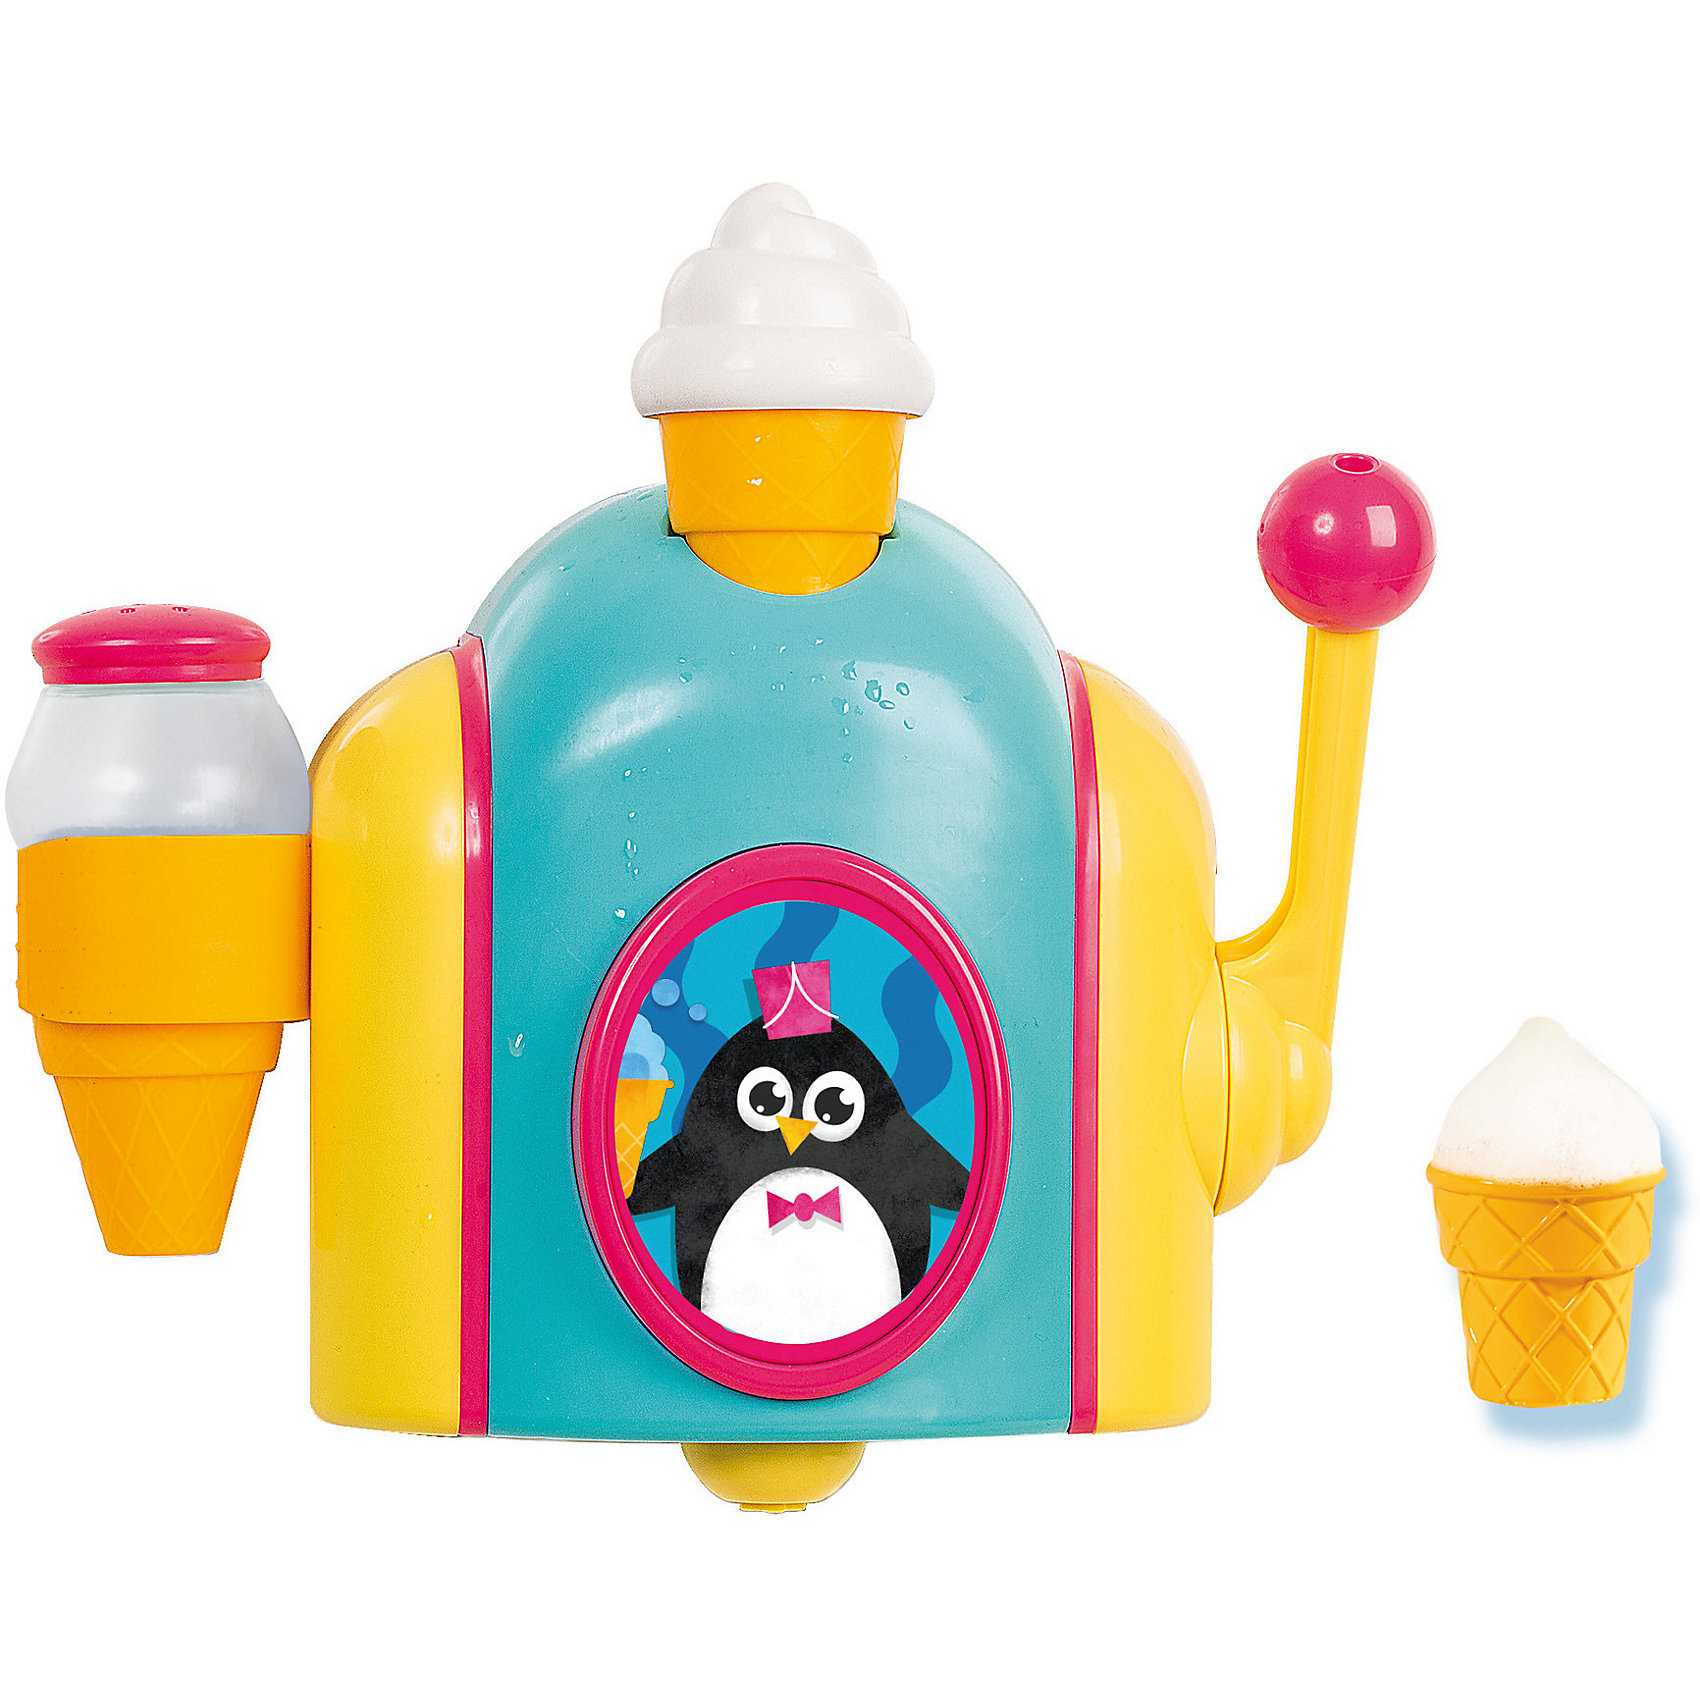 Игрушка для ванной Фабрика пены, TOMYИгрушка для ванной Фабрика пены, TOMY (ТОМИ) – эта игрушка сделает купание Вашего малыша весёлым и увлекательным!<br>Игрушка для ванной «Фабрика пены» от TOMY (ТОМИ) научит малыша делать мороженое прямо во время купания! Прикрепите игрушку к стене ванной комнаты, залейте в нее немного детского шампуня или геля для душа, разбавленного водой, и «запустите производство»! Для этого достаточно потянуть рычажок, и маленький стаканчик наполнится пеной – мороженое готово! Не забудьте сверху присыпать его «тертым шоколадом» или «корицей». Игрушка развивает воображение ребенка и положительно влияет на формирование мелкой моторики.<br><br>Дополнительная информация:<br><br>- В комплекте с игрушкой: 3 стаканчика, шейкер-«солонка»<br>- Крепится на прочных присосках<br>- Материал: высококачественный пластик<br>- Размер упаковки: 28,3 х 27,5 х 12,7 см.<br>- Вес: 740 гр.<br><br>Игрушку для ванной Фабрика пены, TOMY (ТОМИ) можно купить в нашем интернет-магазине.<br><br>Ширина мм: 286<br>Глубина мм: 283<br>Высота мм: 130<br>Вес г: 757<br>Возраст от месяцев: 18<br>Возраст до месяцев: 36<br>Пол: Унисекс<br>Возраст: Детский<br>SKU: 4023865